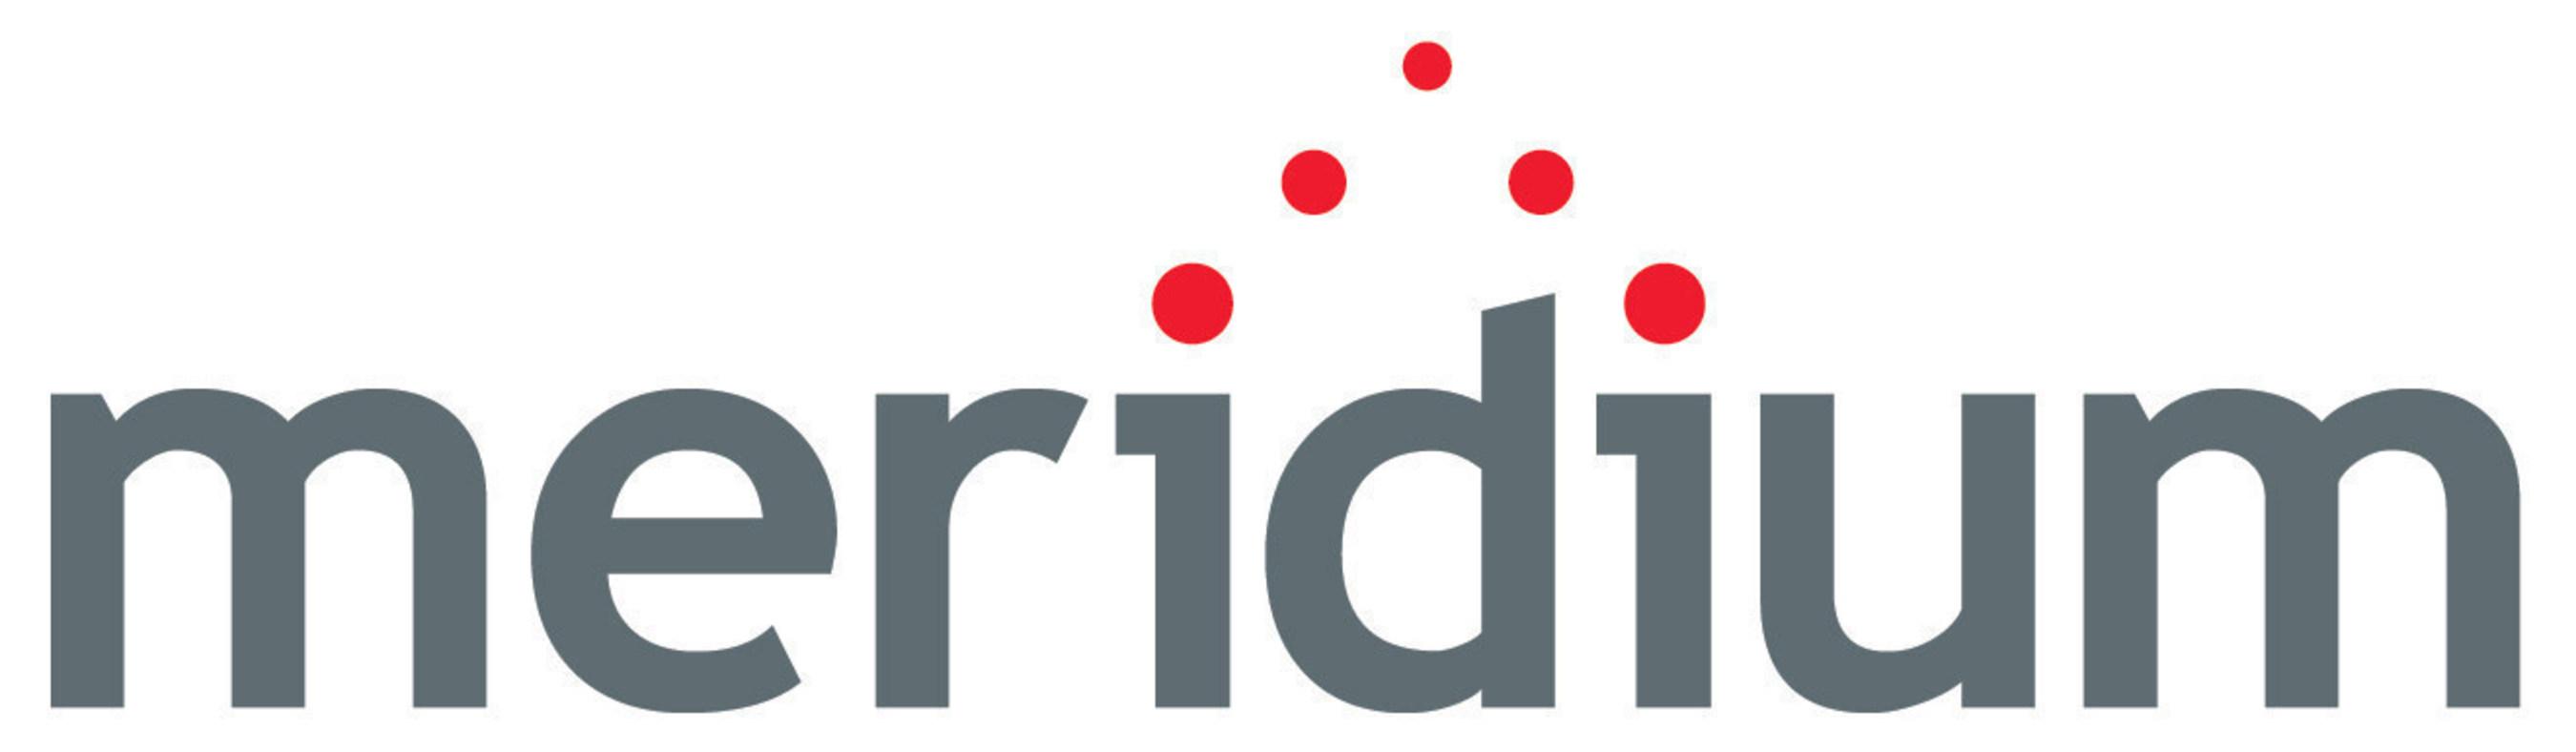 Meridium Next-Gen Enterprise APM®, Intelligent Asset Strategies Drive the IIoT